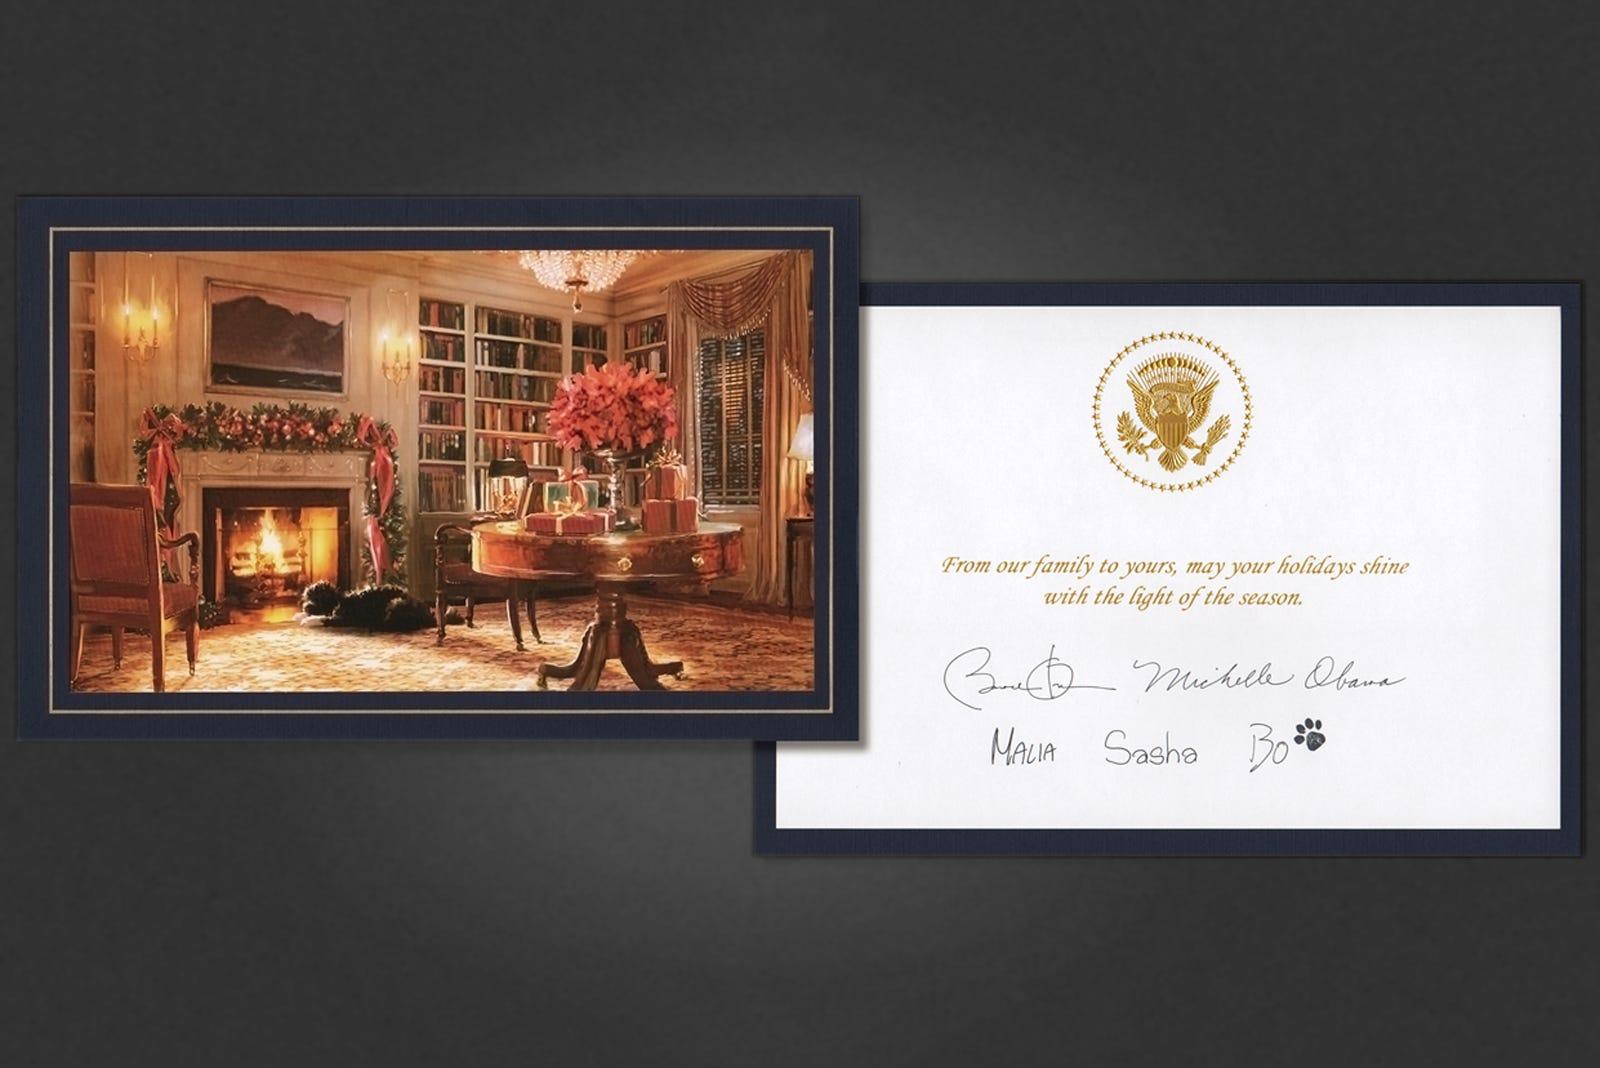 President obamas holiday cards last christmas jeuxipadfo Choice Image